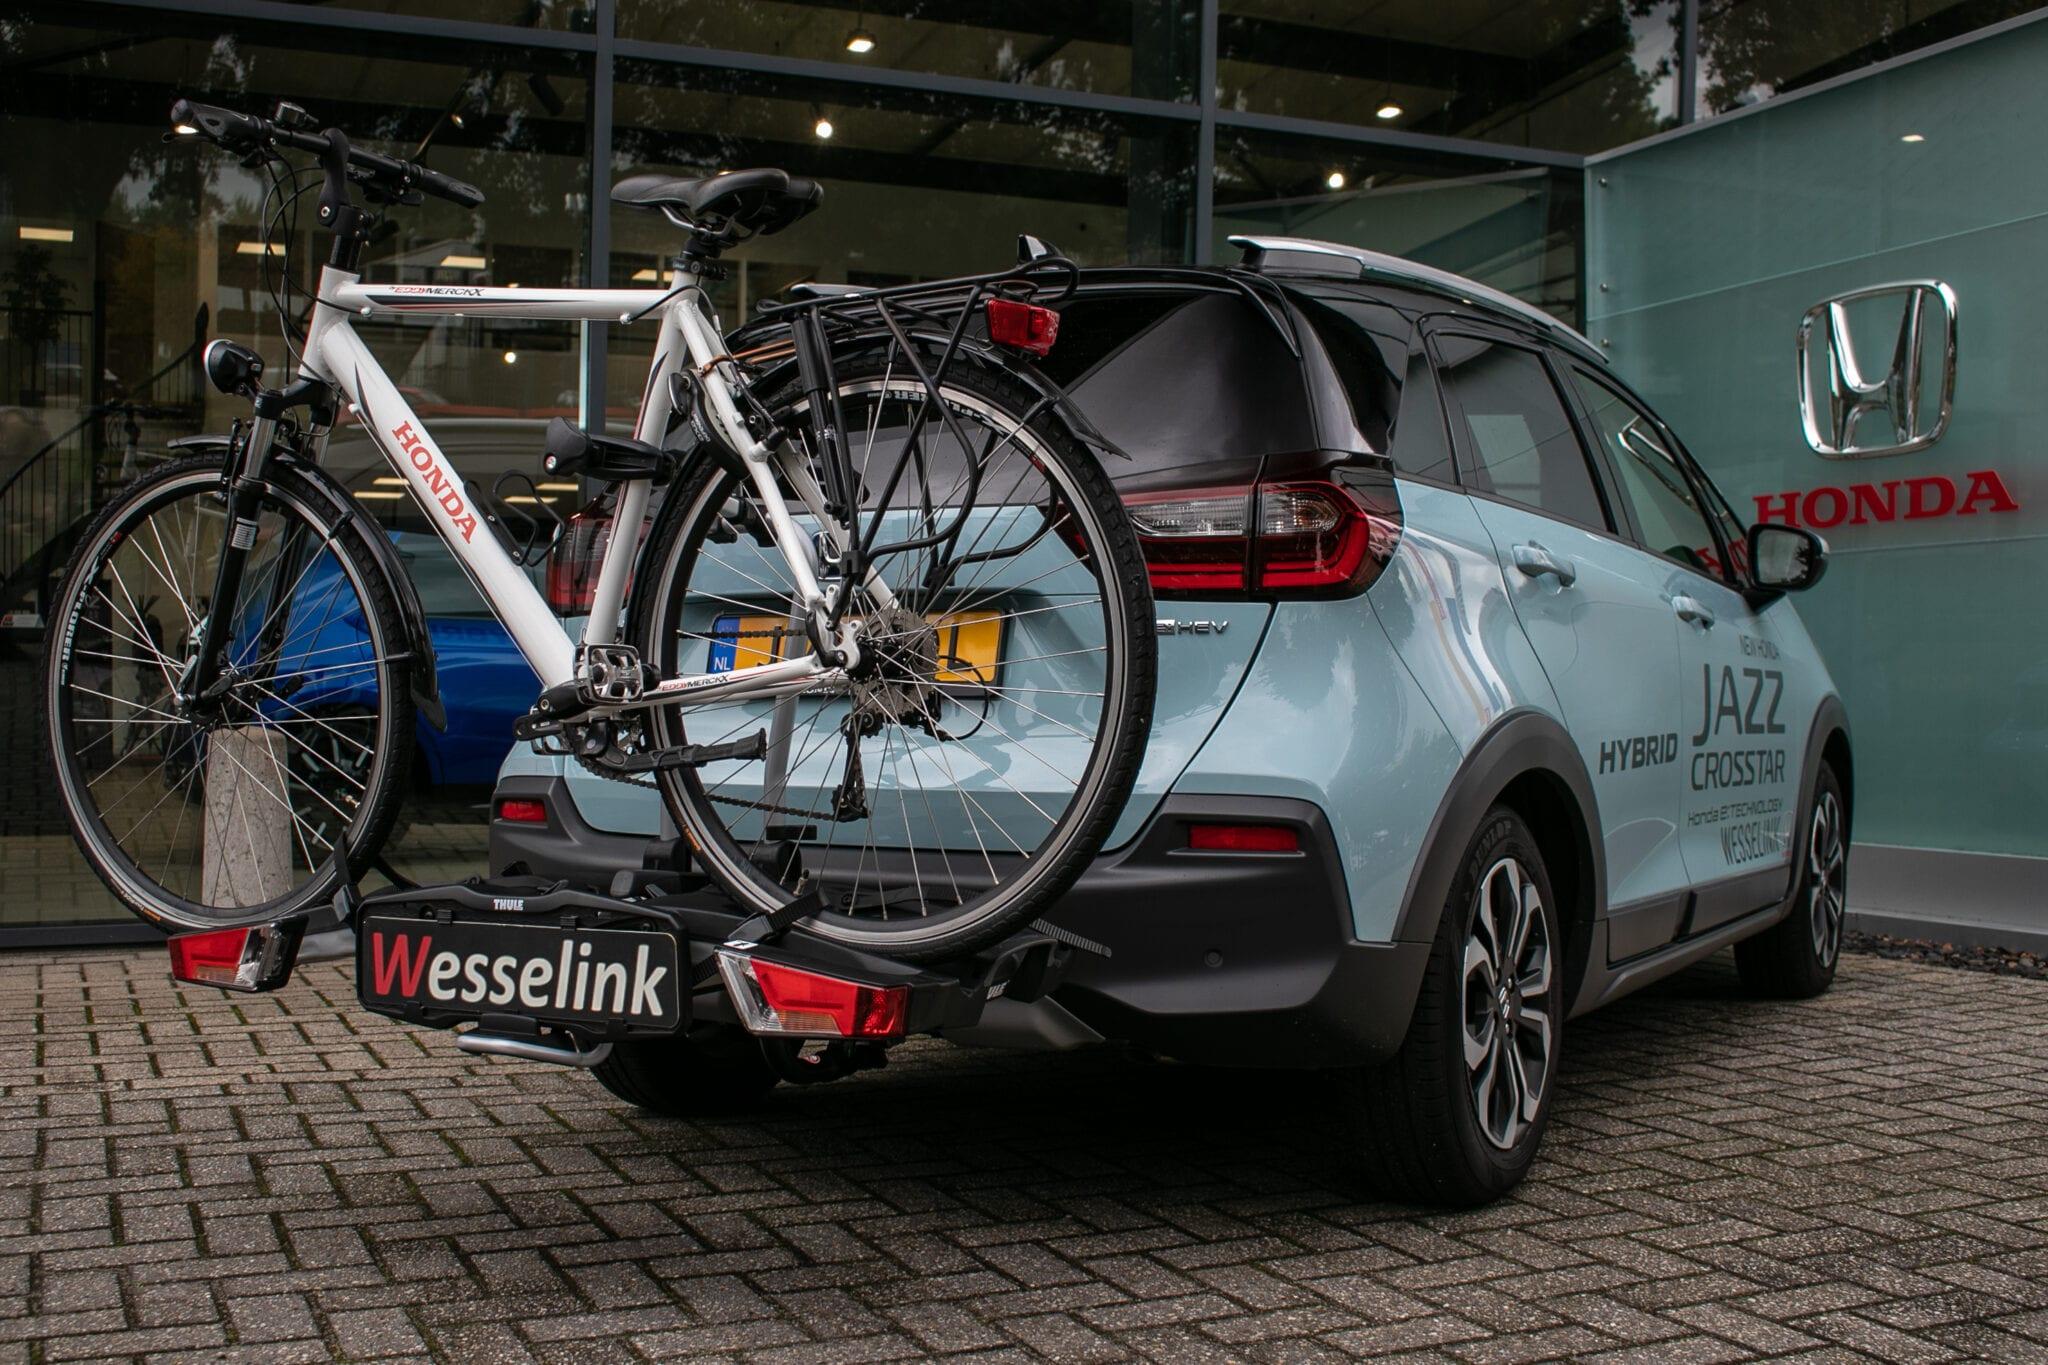 De nieuwe Honda Jazz Crosstar hybride is al avontuurlijk, maar met de toevoeging van een fietsendrager of baggagebox staat dit garant voor nog meer onvergetelijke trips